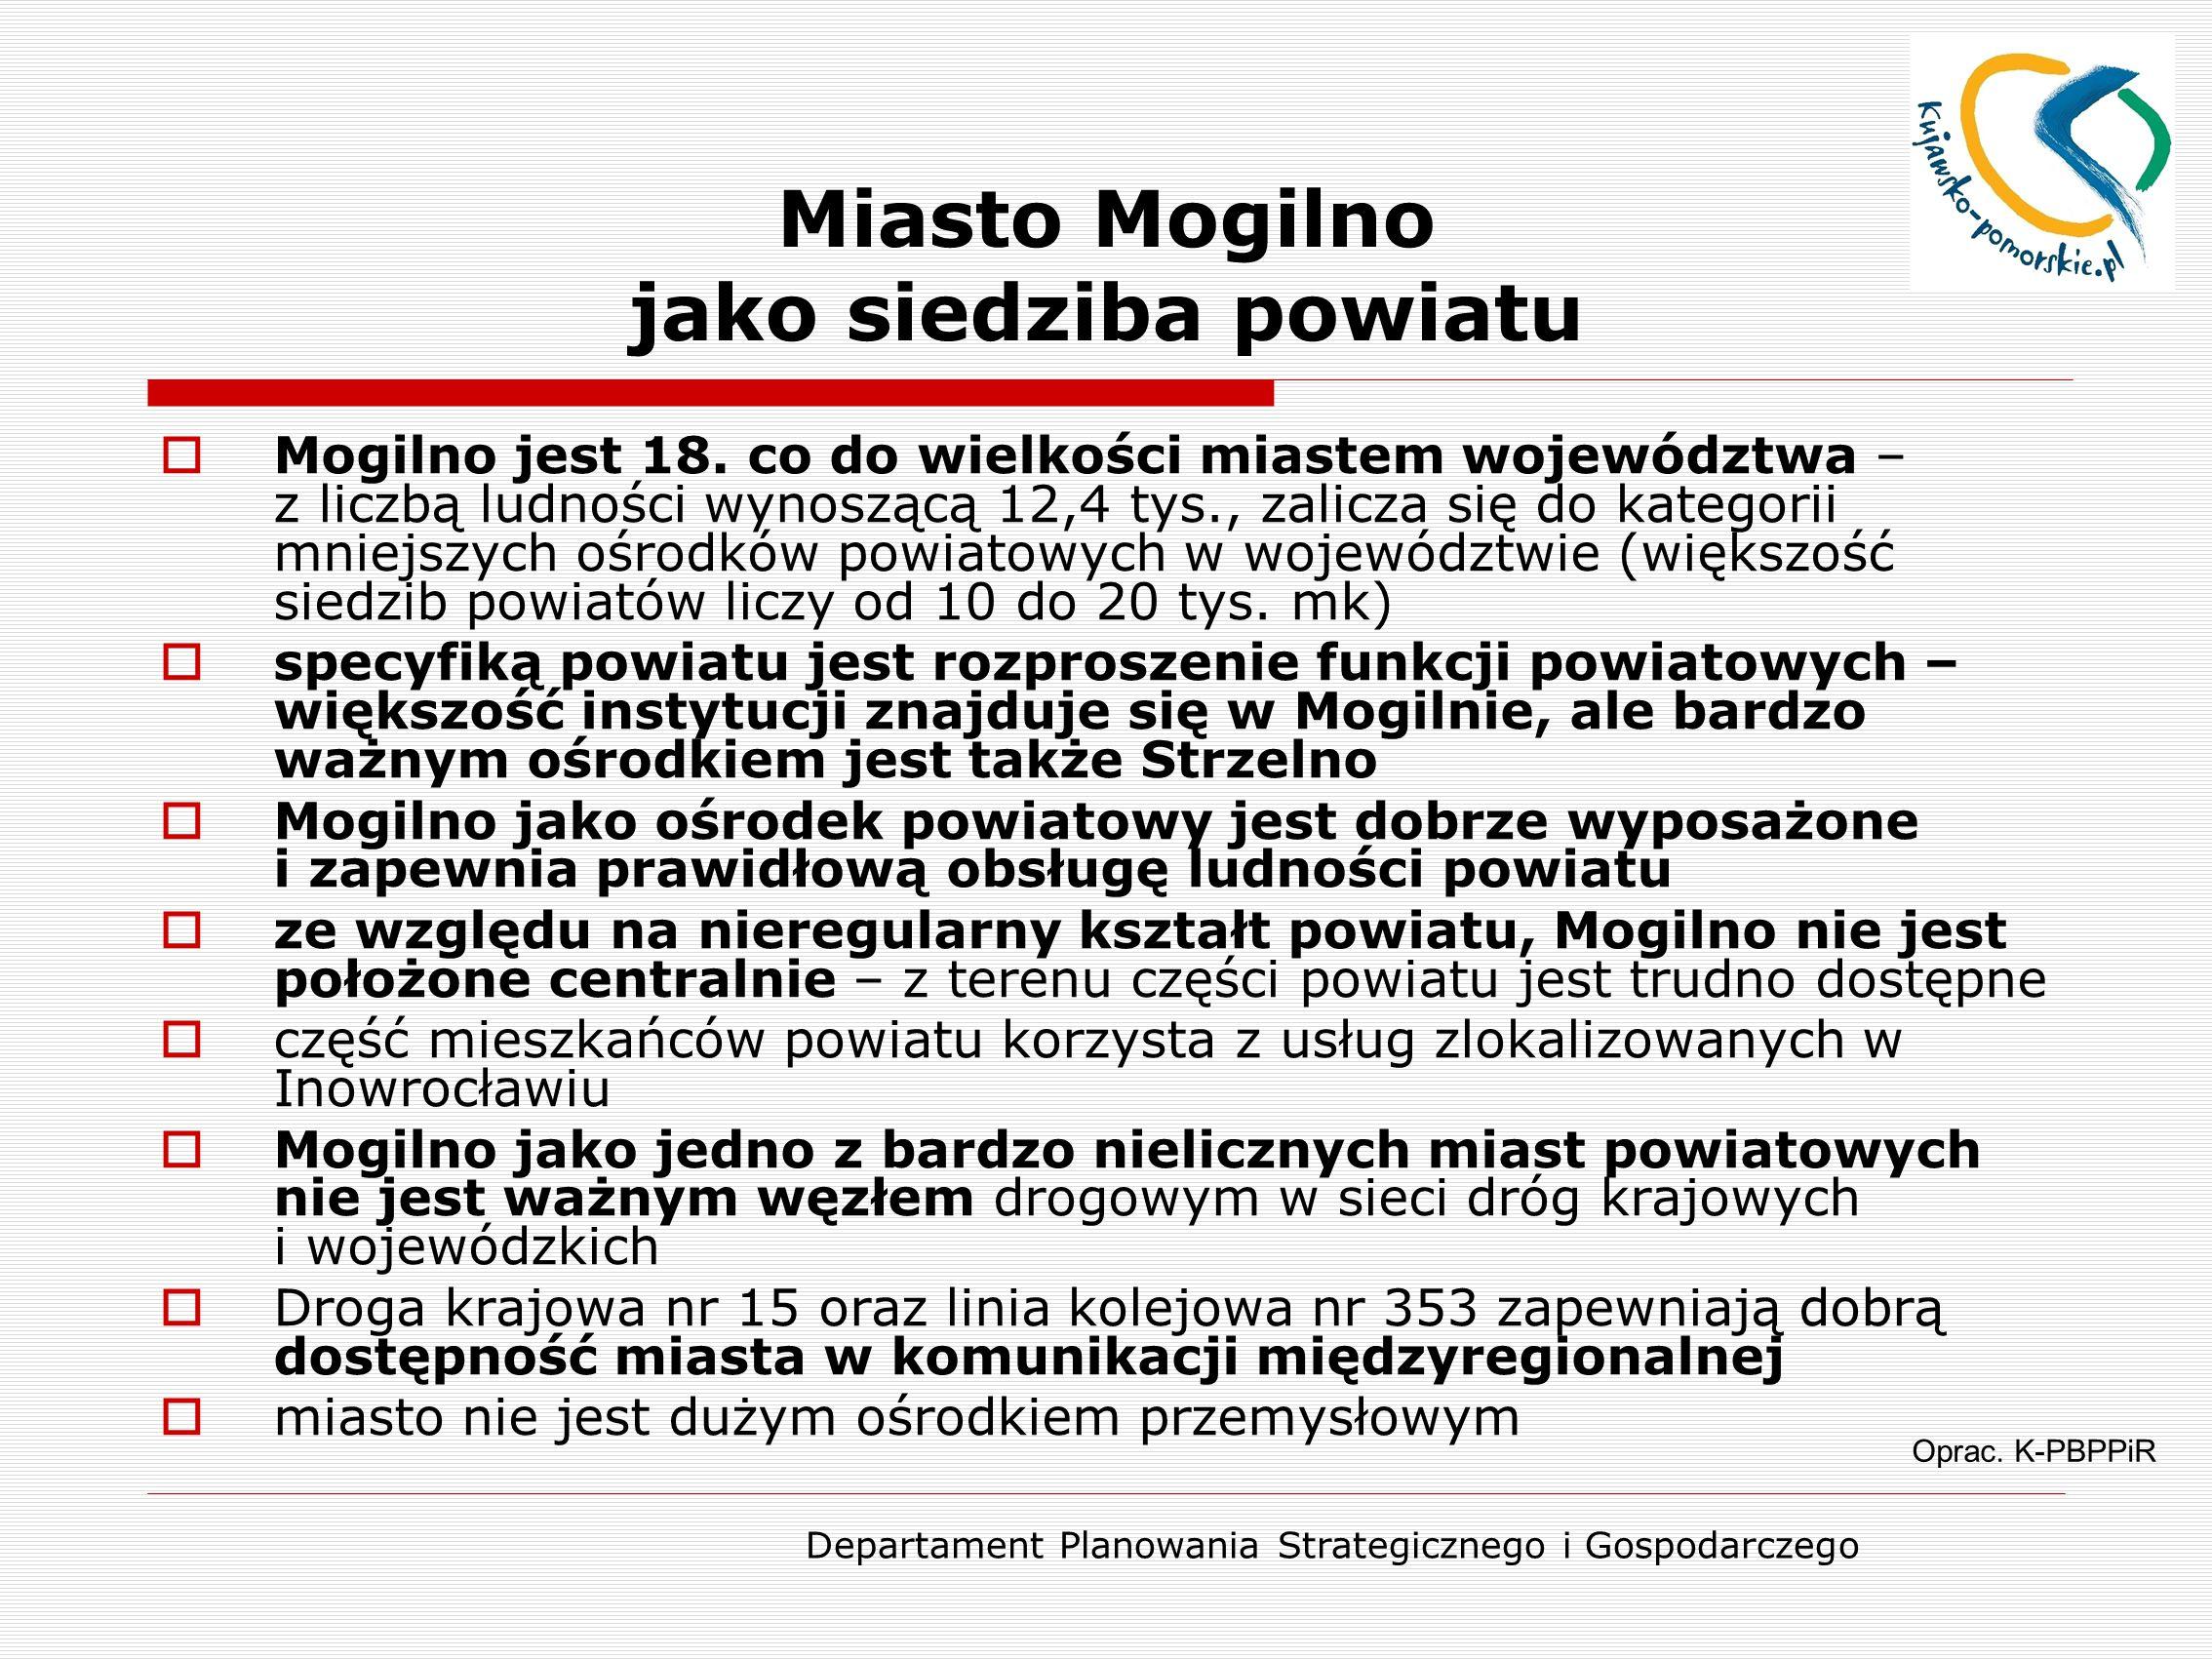 Departament Planowania Strategicznego i Gospodarczego Miasto Mogilno jako siedziba powiatu Oprac. K-PBPPiR  Mogilno jest 18. co do wielkości miastem